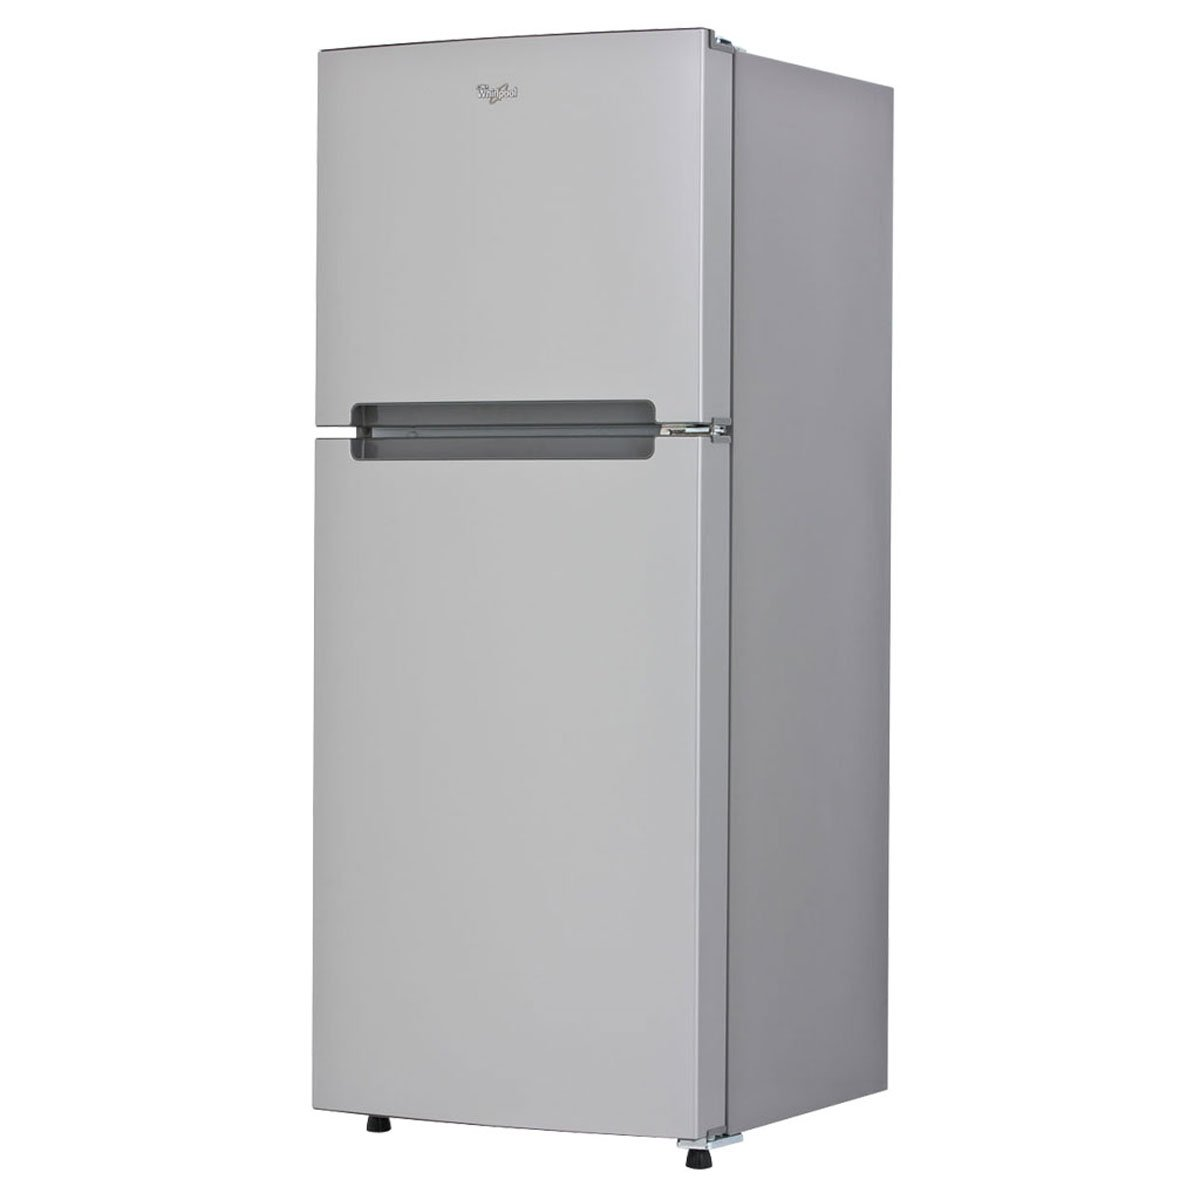 Refrigerador whirlpool top mount 11 pies steel pro sears for Refrigerador whirlpool